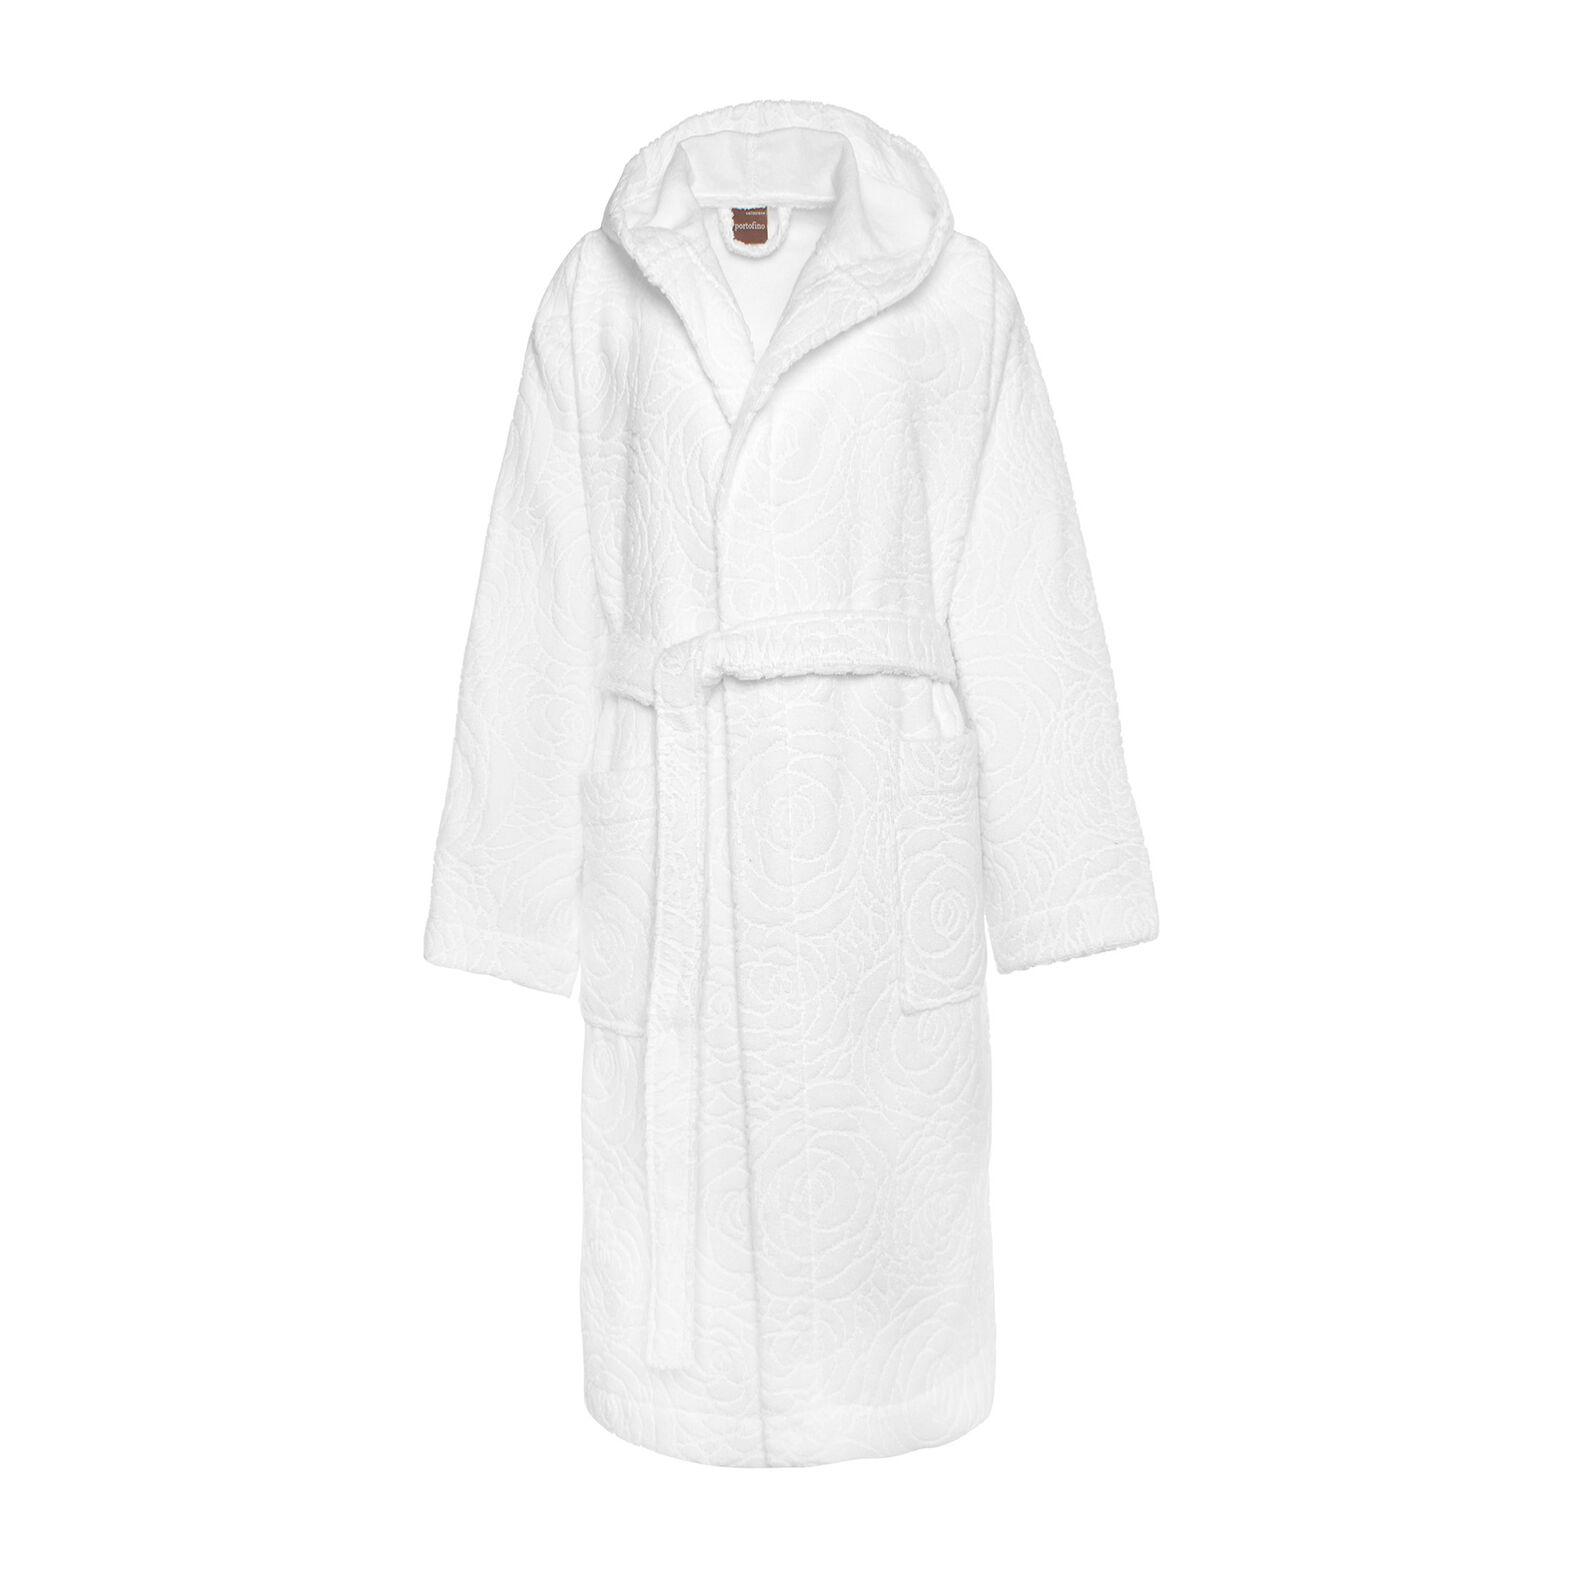 Portofino 100% cotton terry bathrobe with English roses